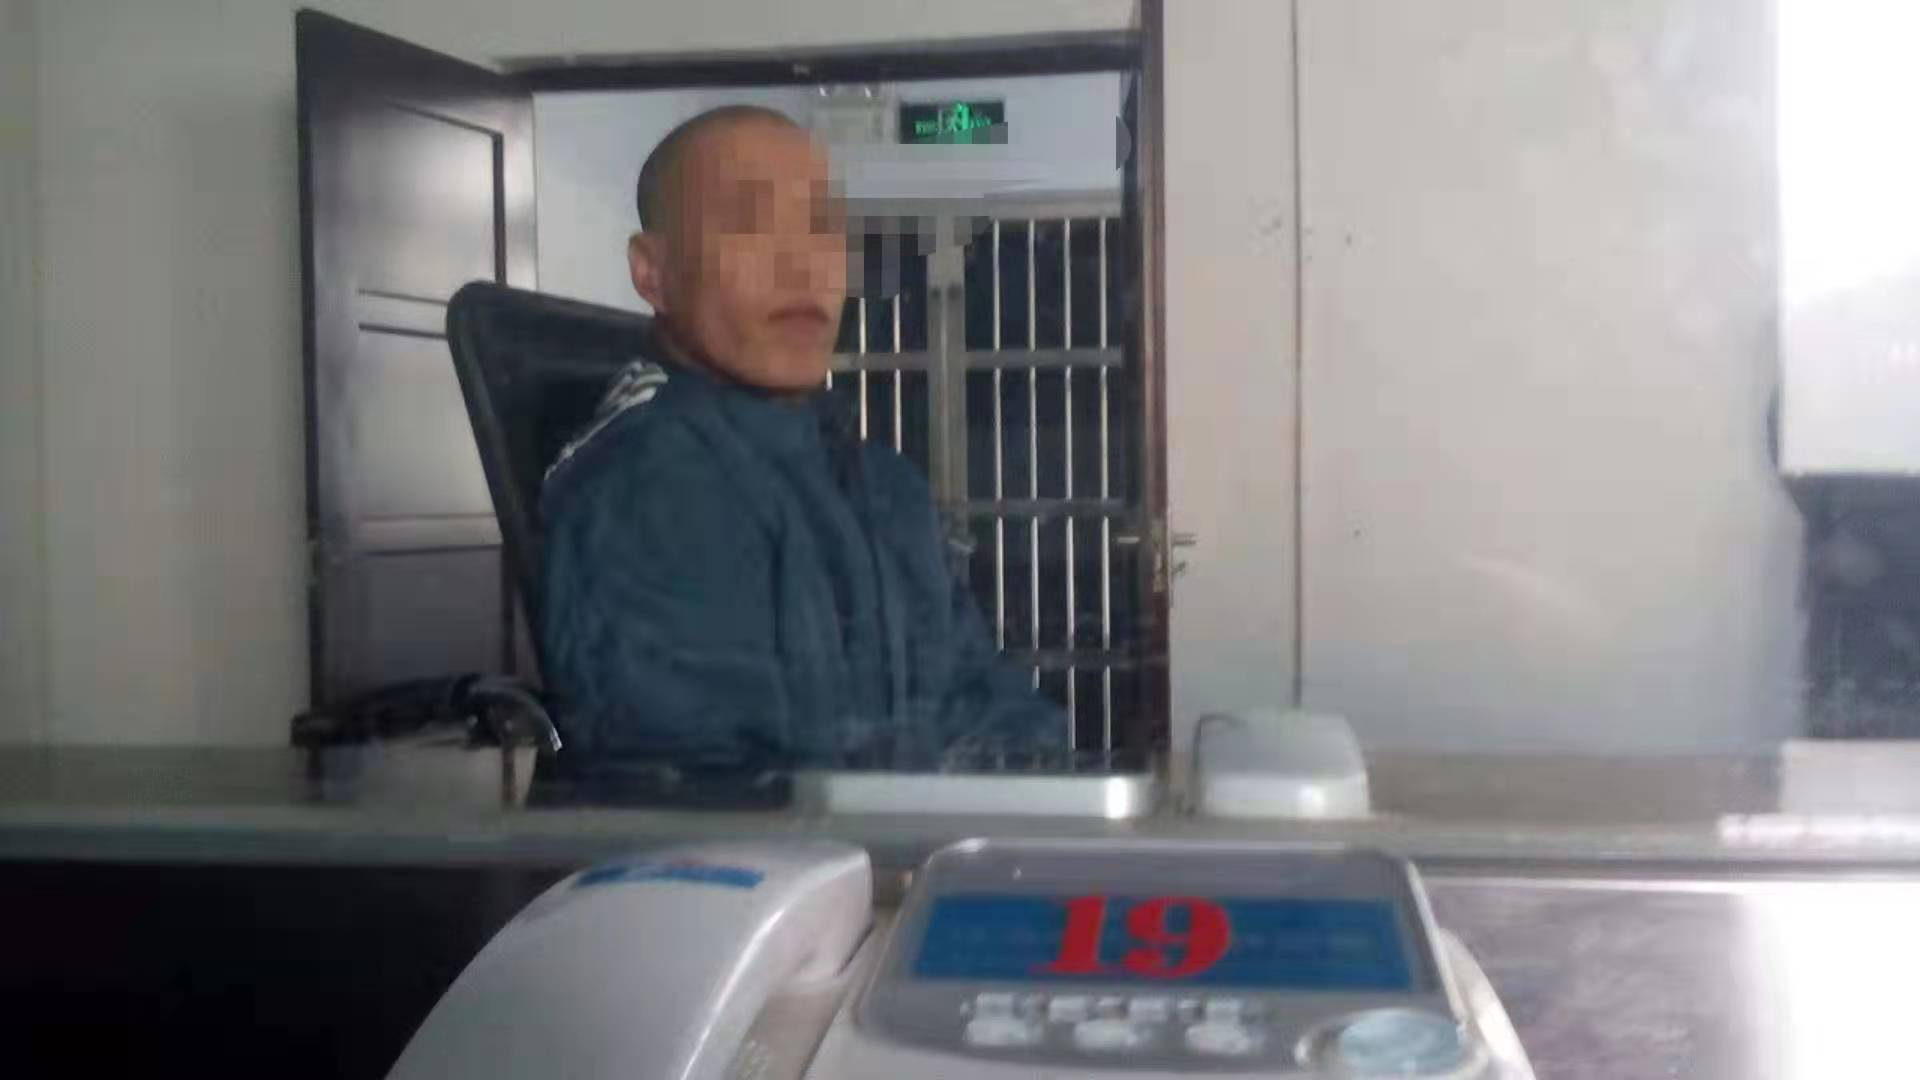 互博手机网页版,台湾高雄一小学旁发生群殴事件 警方逮捕12人